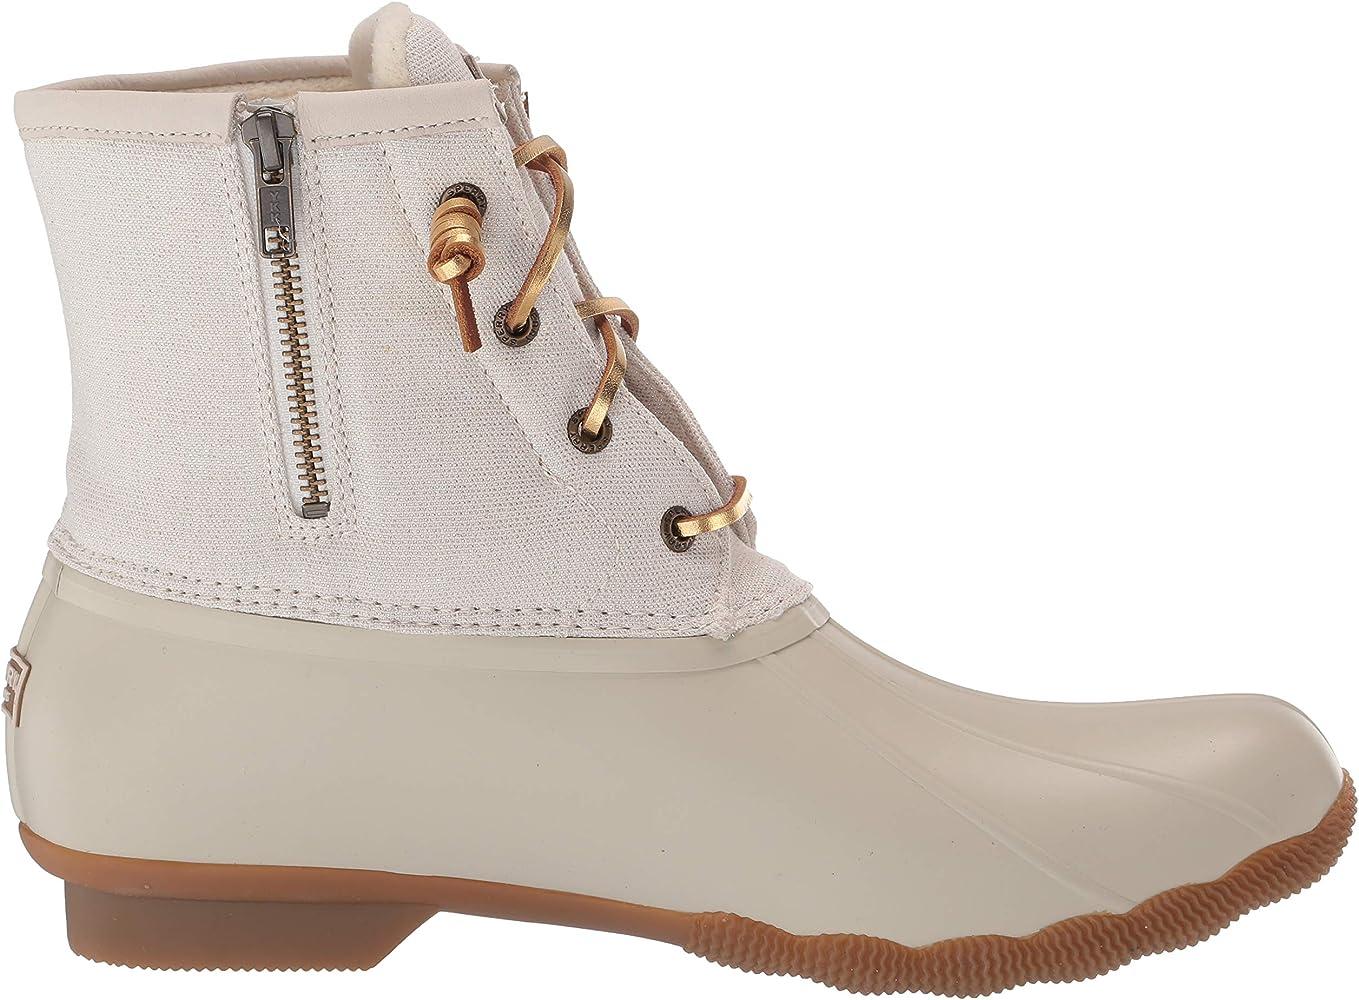 Saltwater Metallic Ivory Fashion Boot